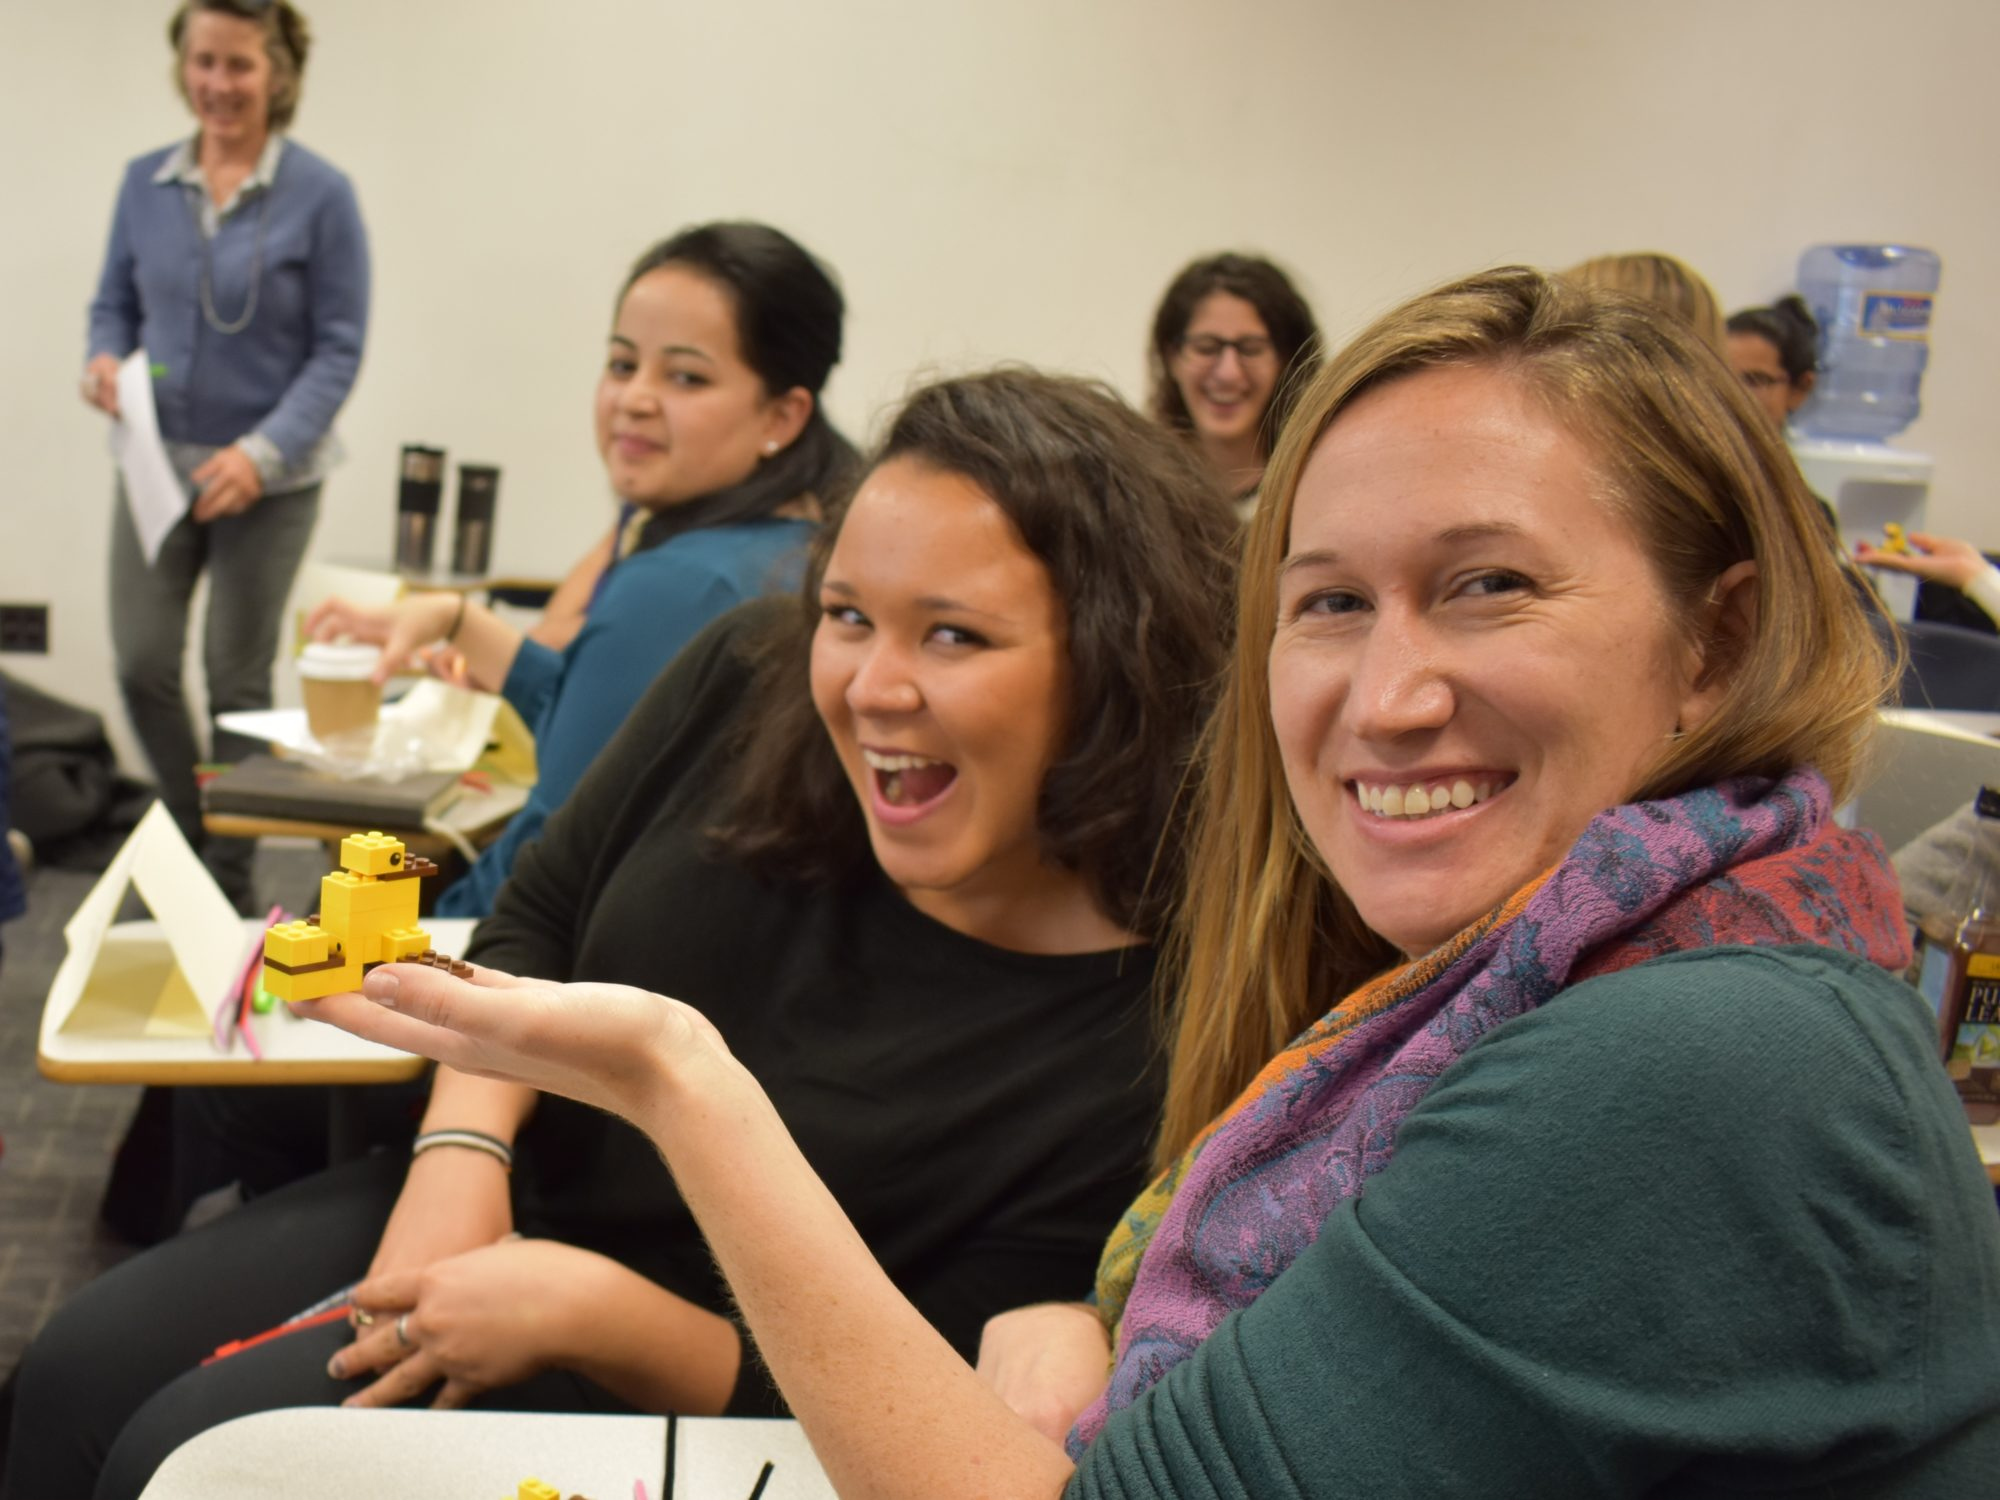 Two GHD Students Having Fun